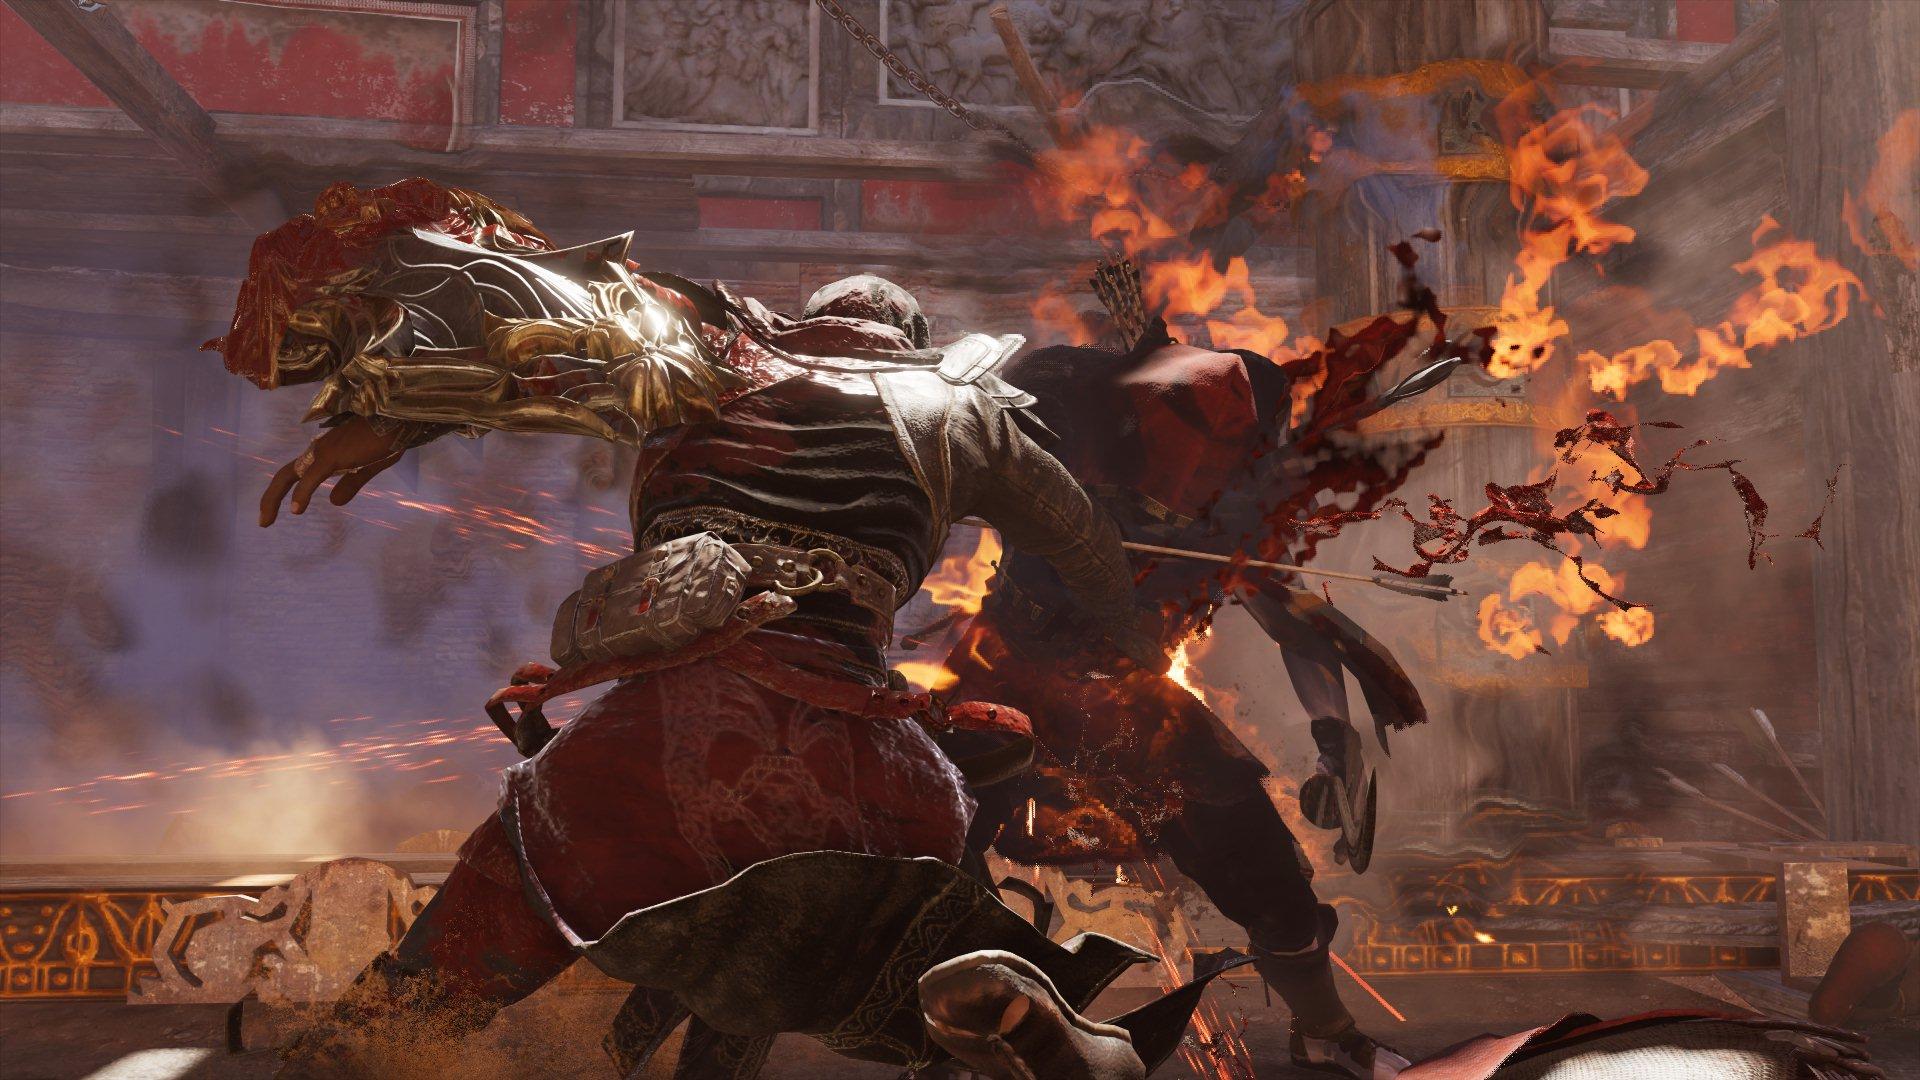 Wallpaper Assassins Creed Origins Assassin S Creed Bayek